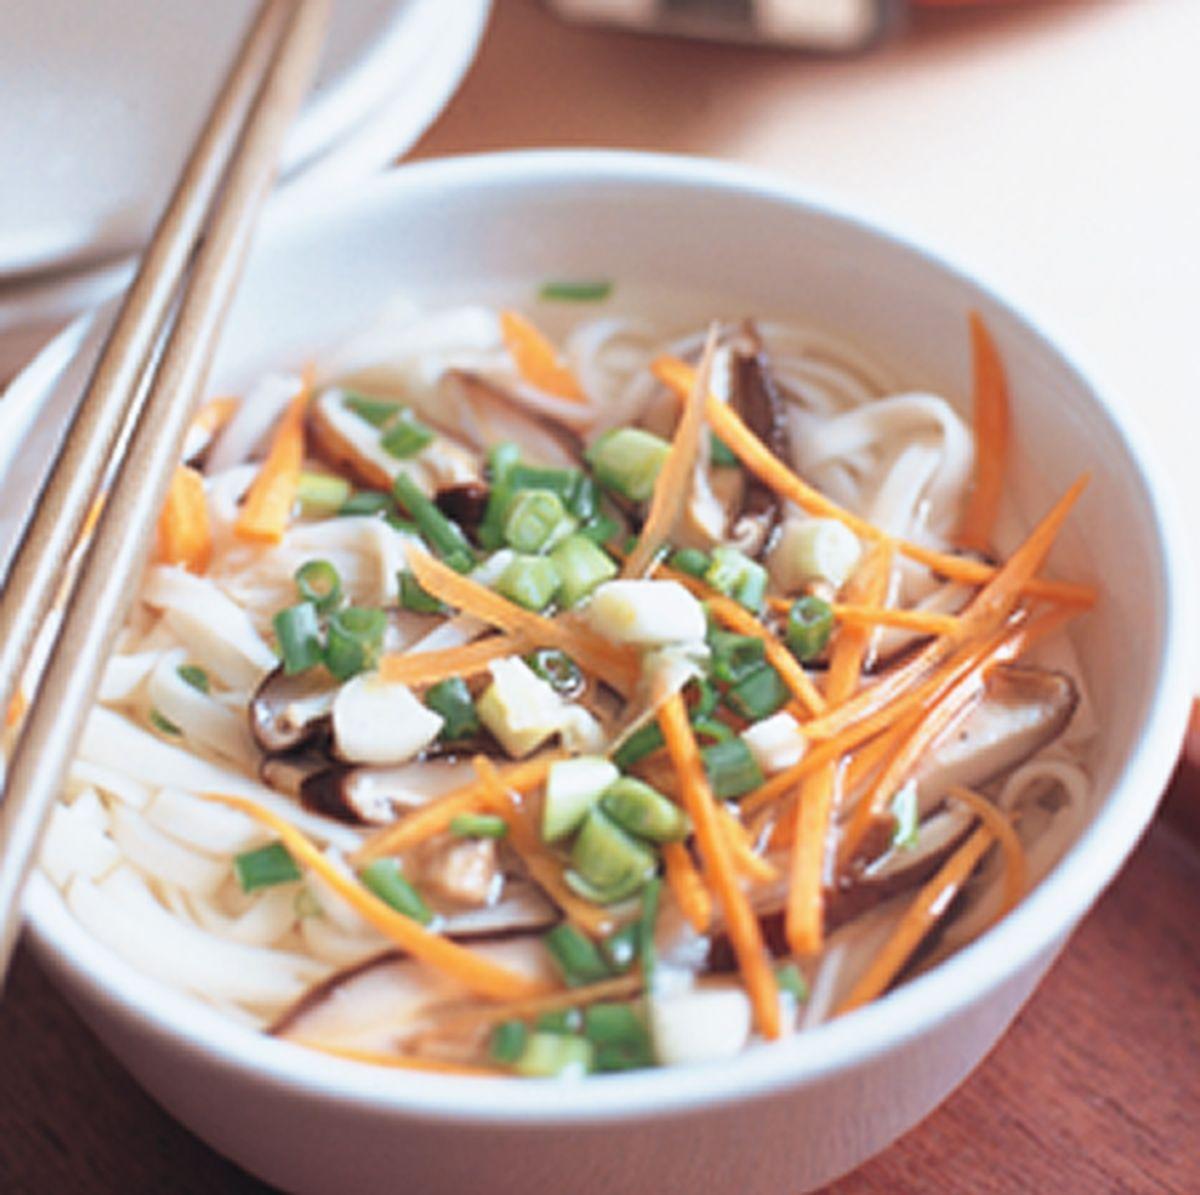 食譜:高纖菇菇麵